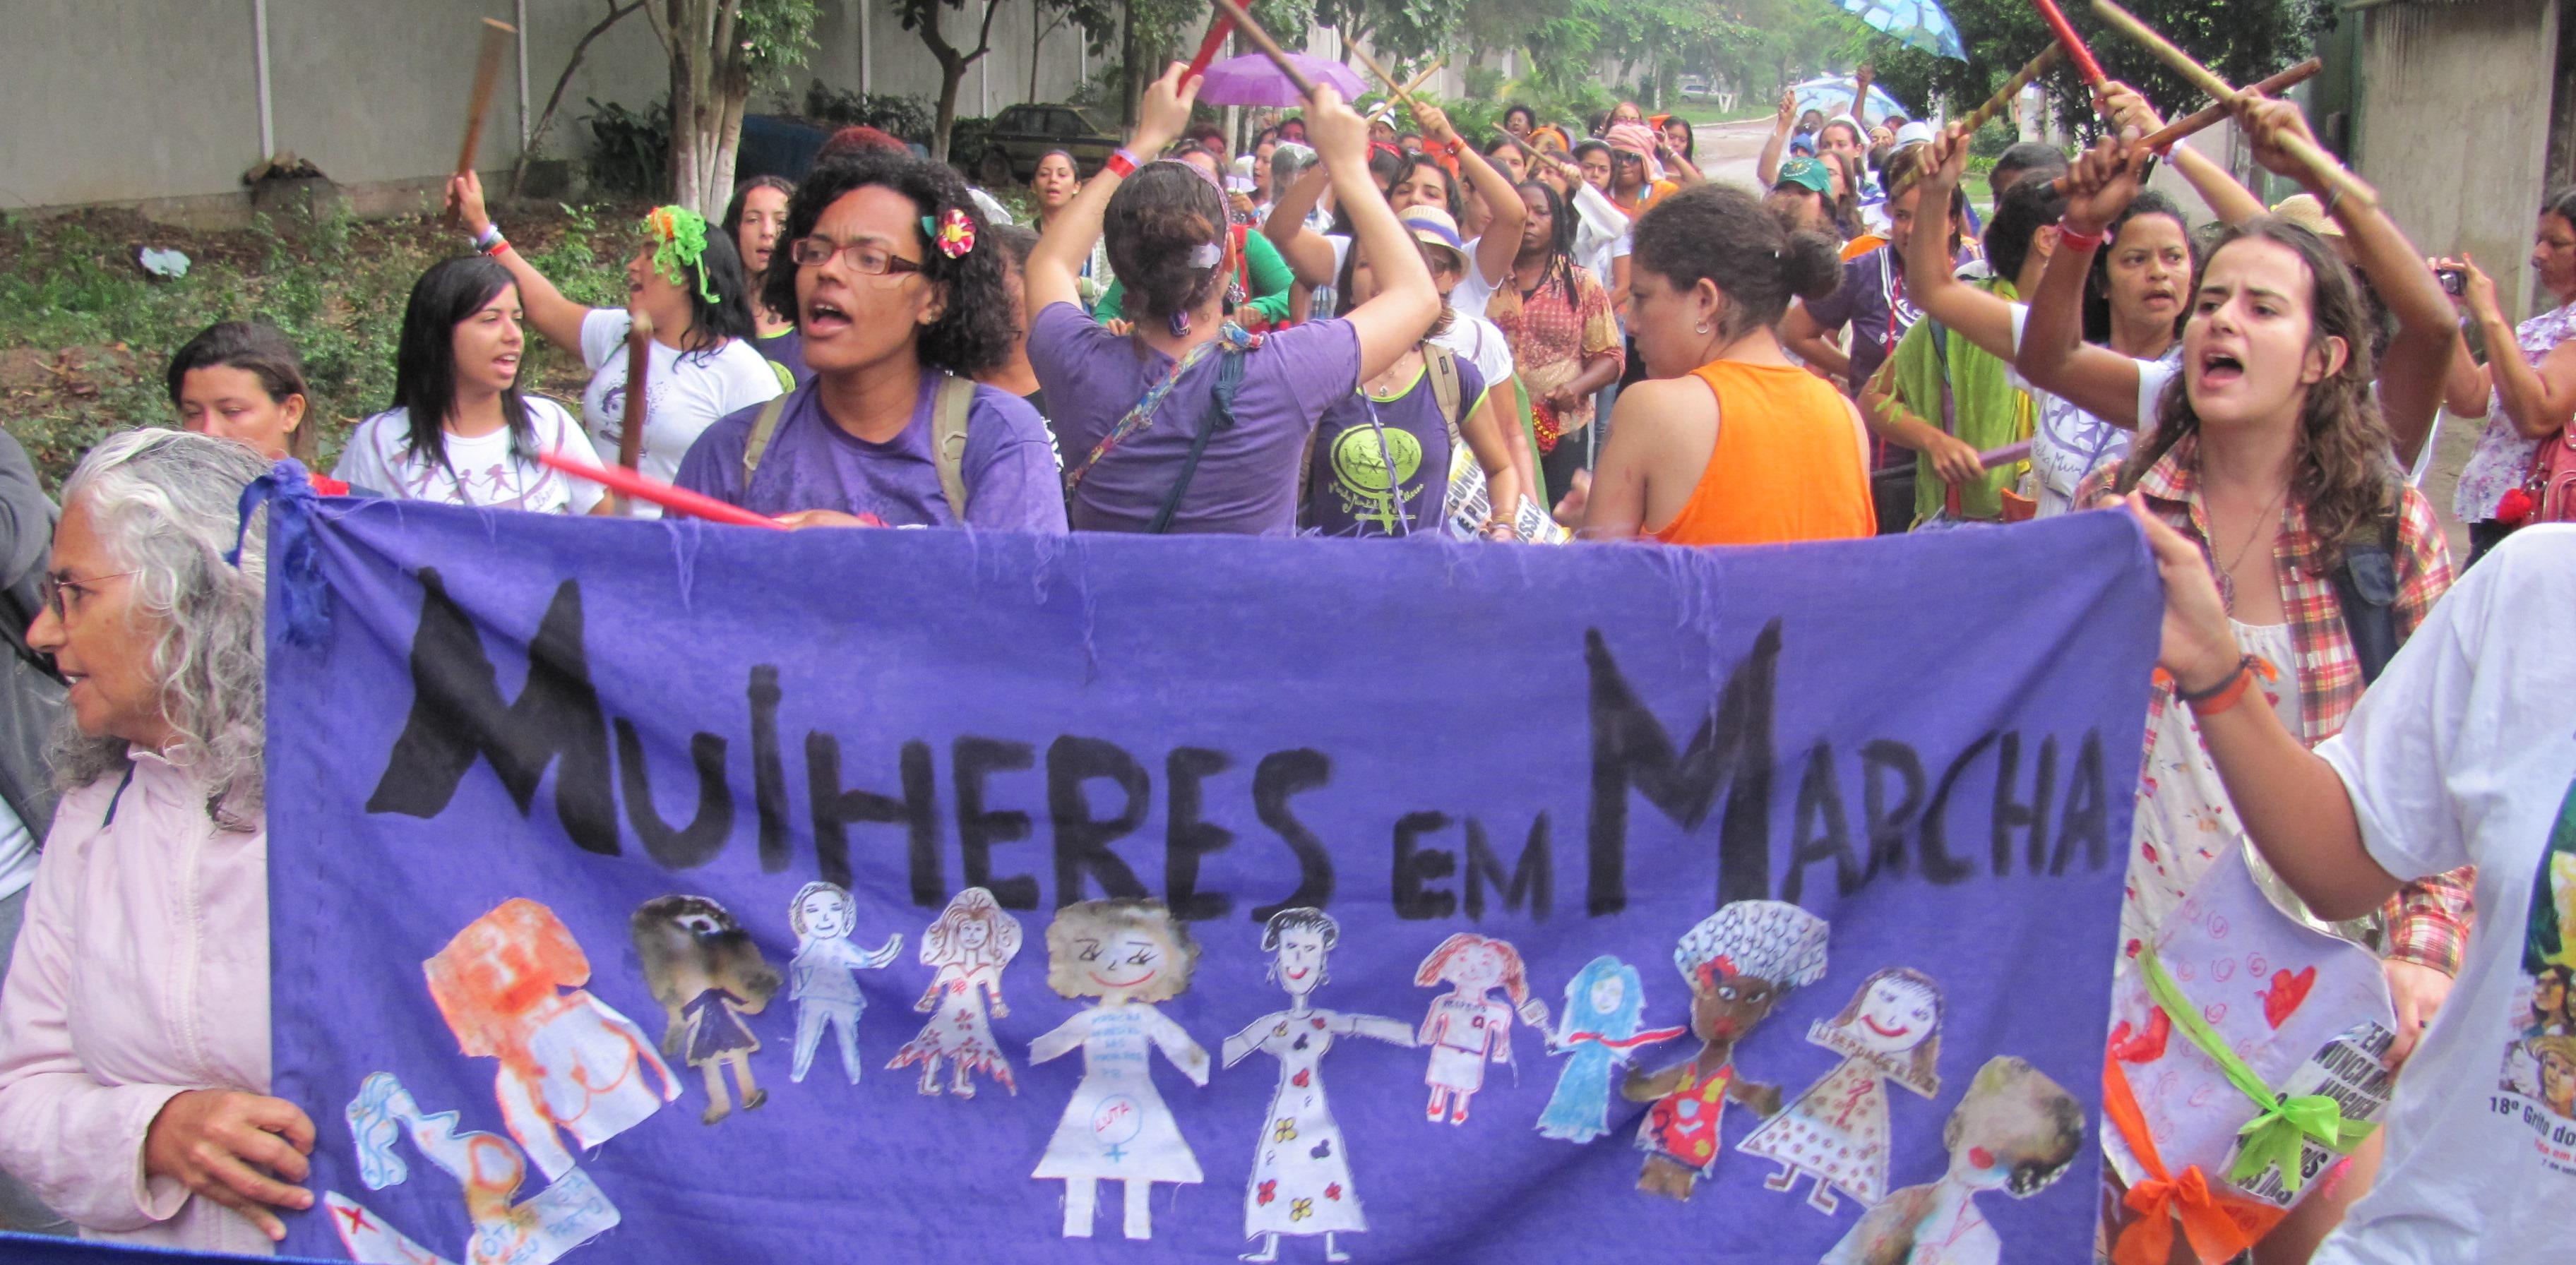 25A Dia Mundial de Ação - (Vila Autodromo) - Jéssika Martins (19)